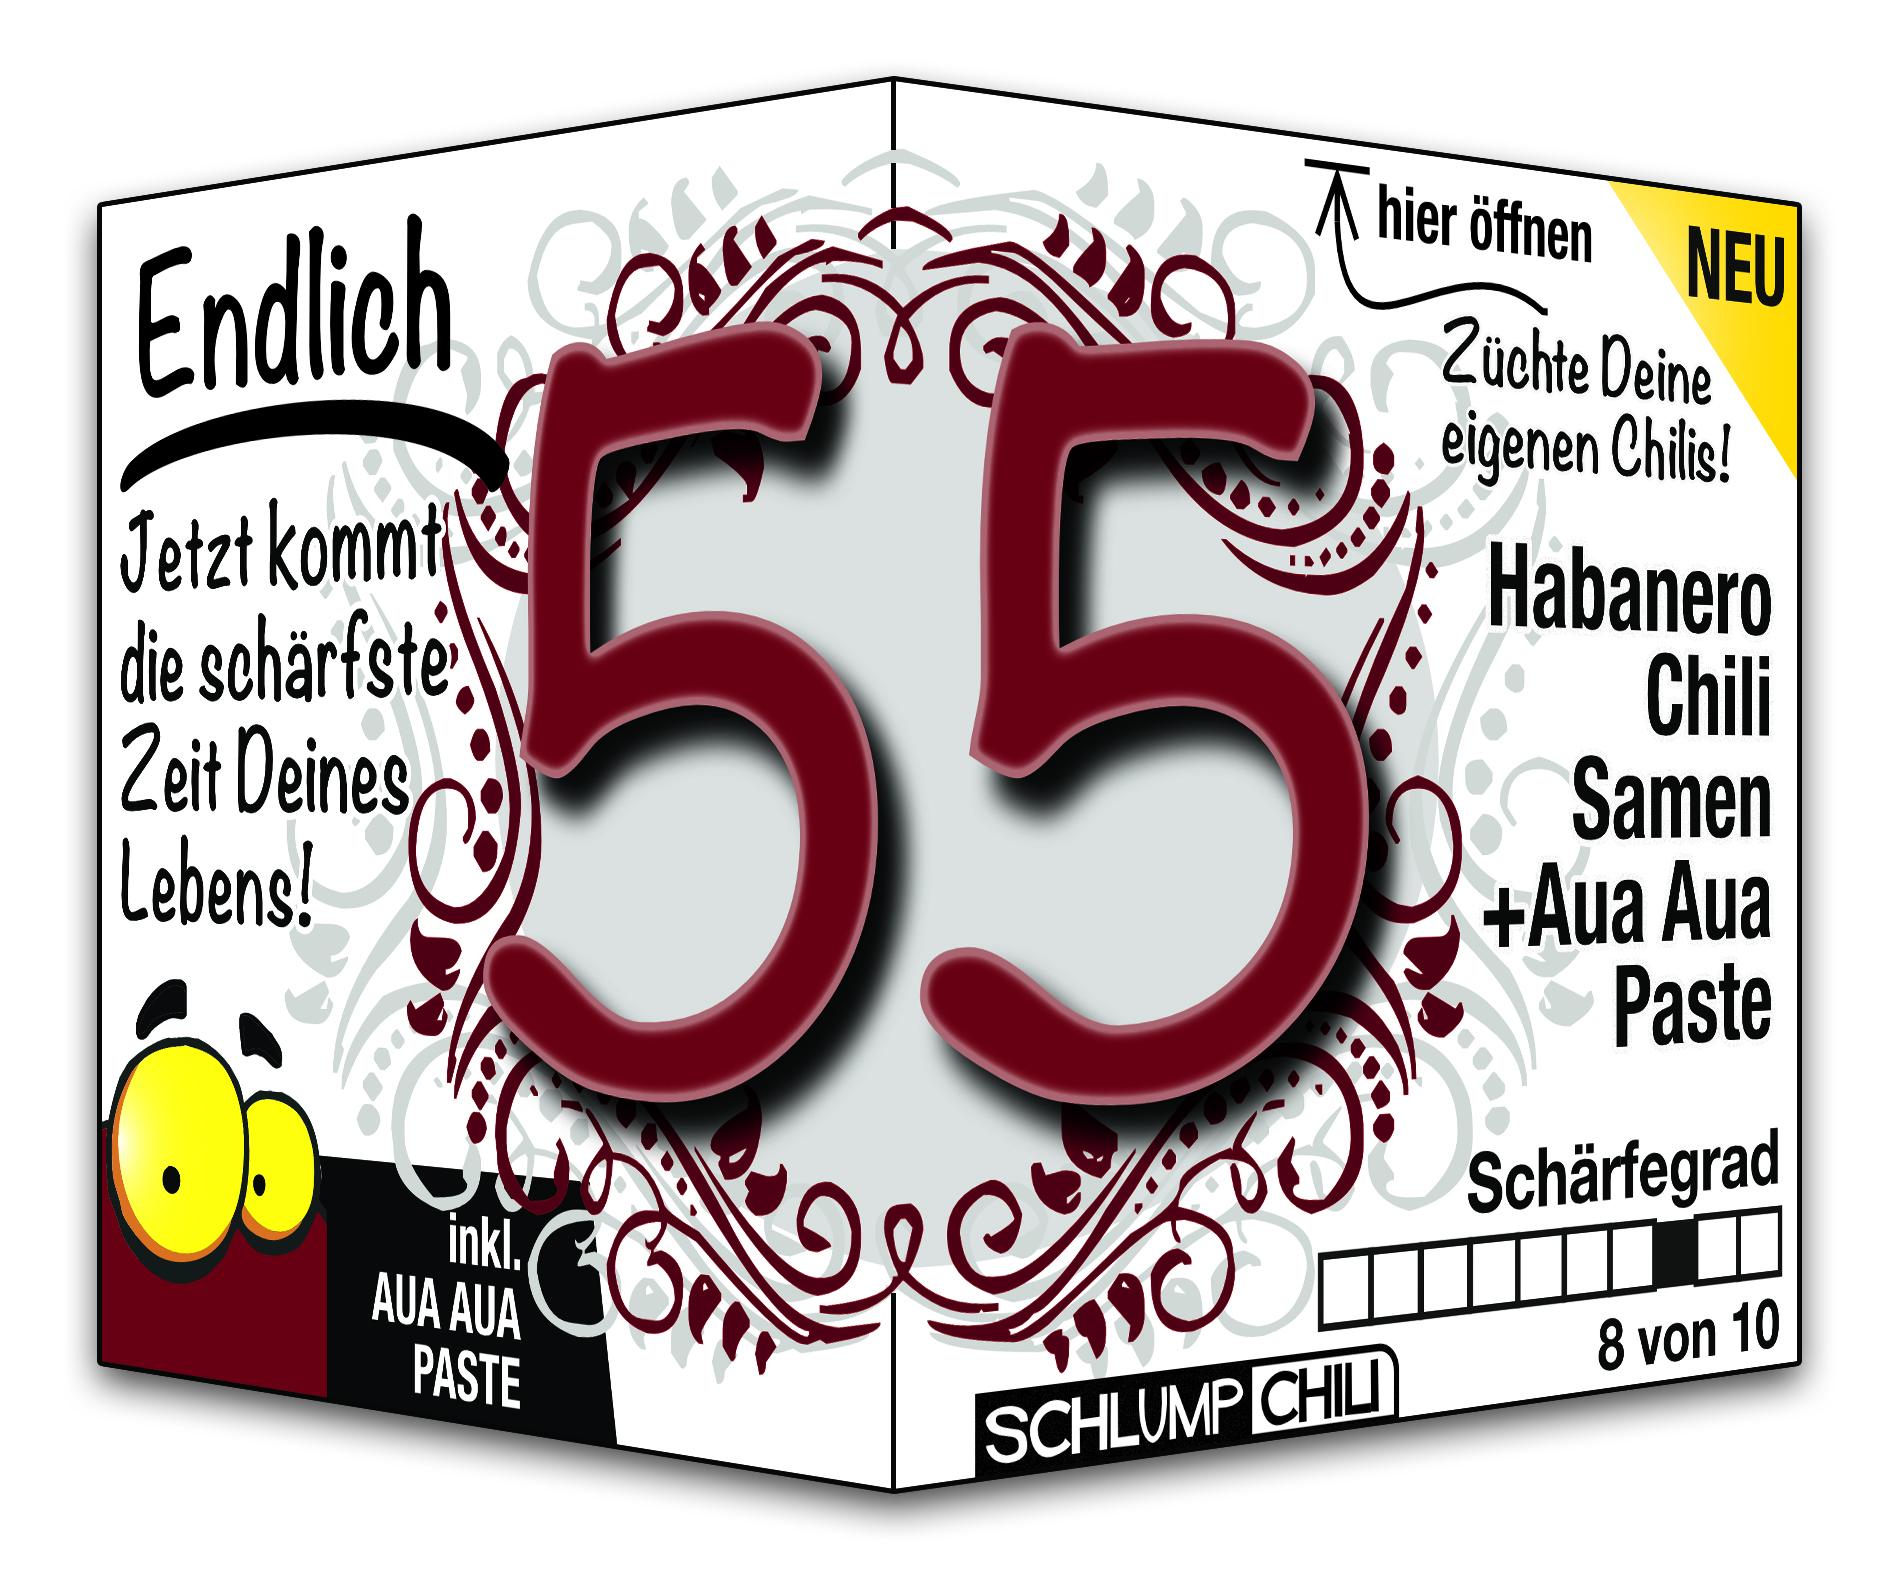 Endlich 55 Jahre Geschenk - witzige Geschenkideen zum Geburtstag | Schlump-Chili Shop